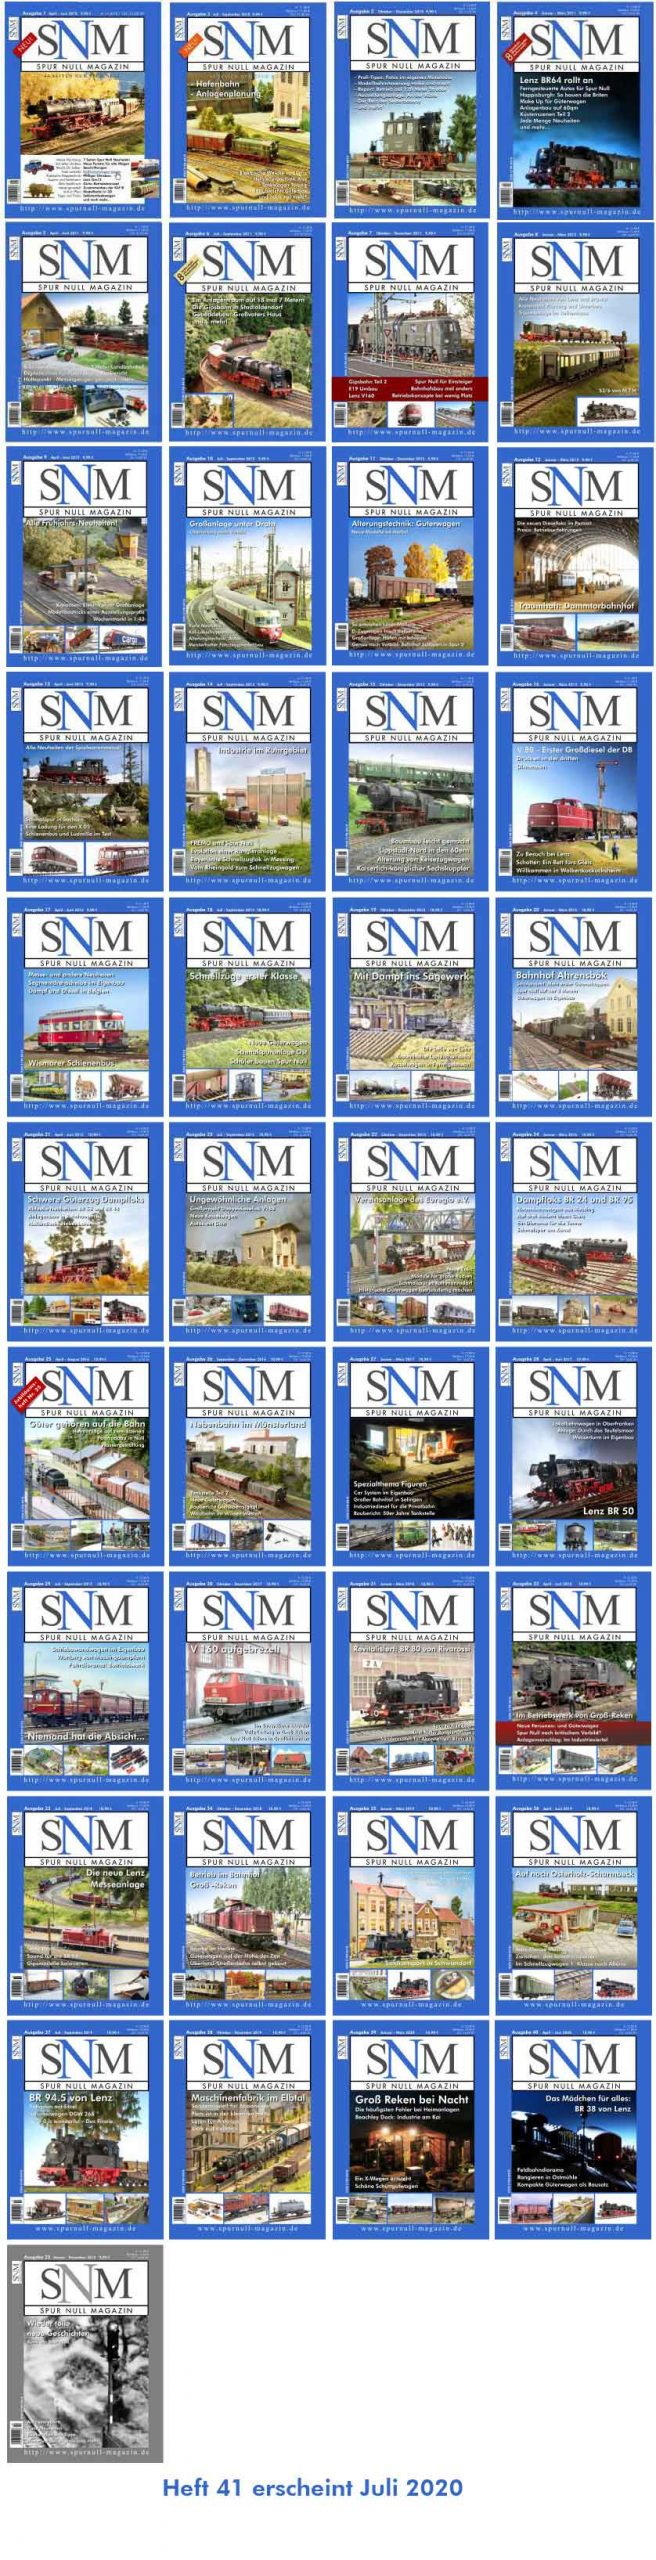 SNM Heft 1-40